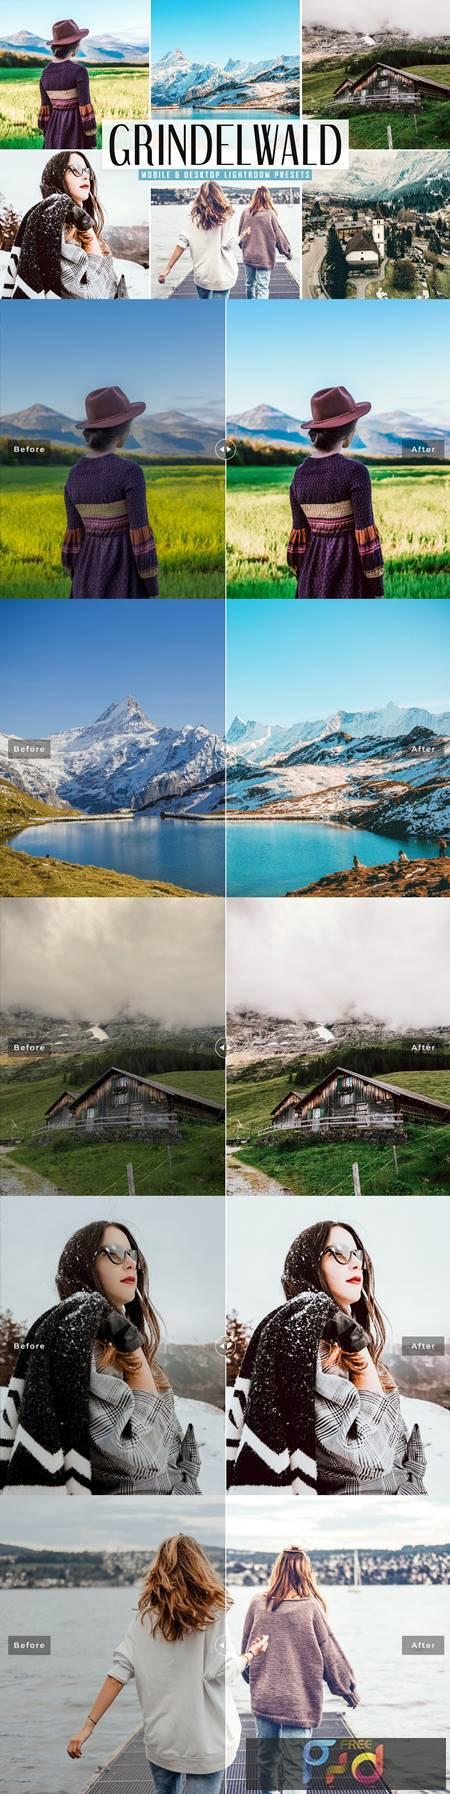 Grindelwald Mobile & Desktop Lightroom Presets 5300020 1